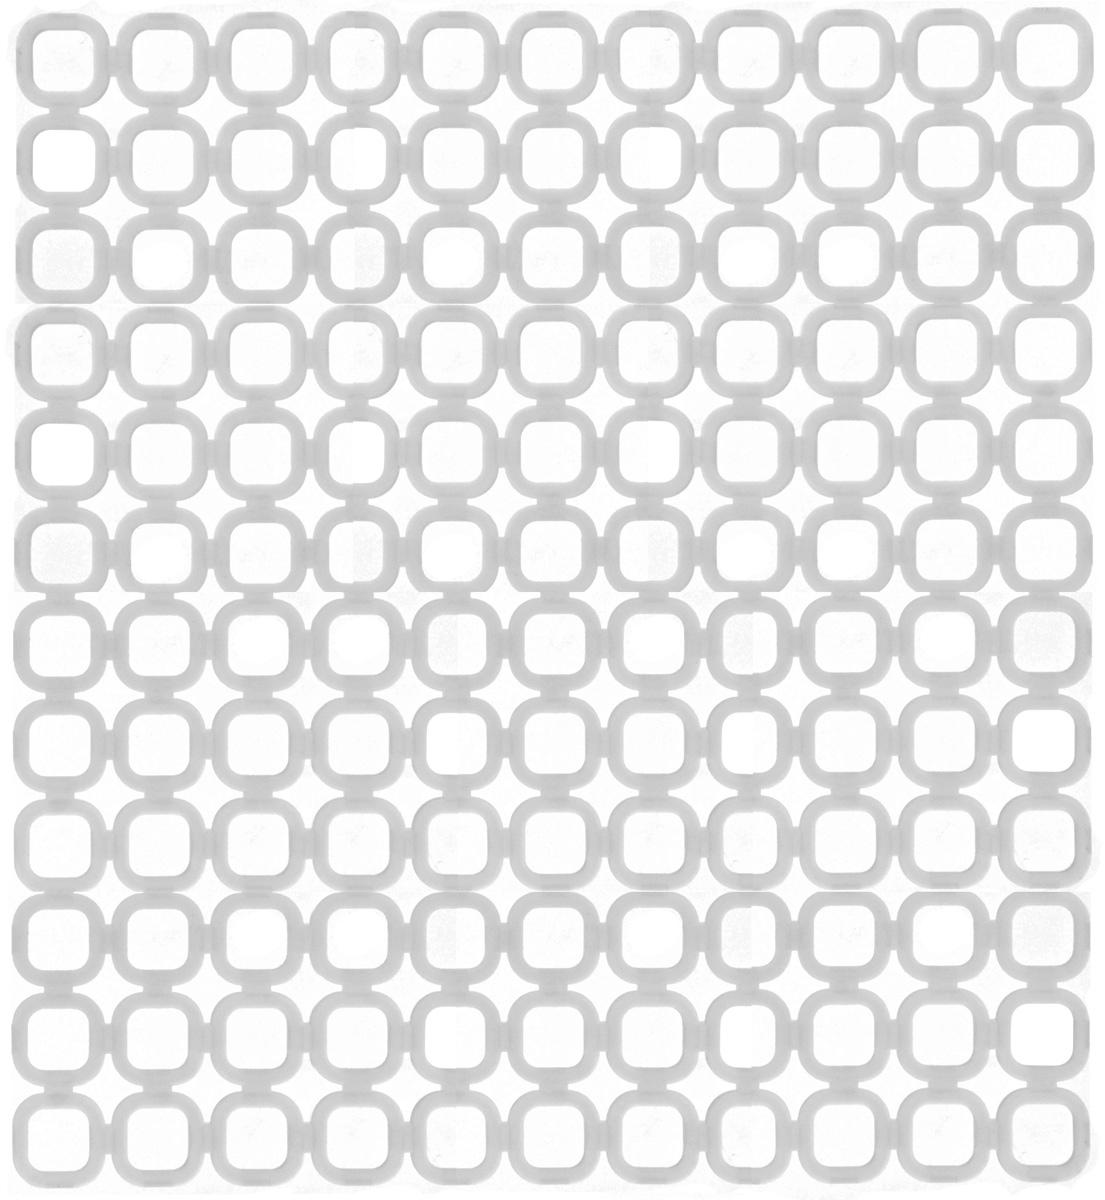 Коврик для раковины Tescoma Online, цвет: белый, 29 x 27 см900842Стильный и удобный коврик для раковины Tescoma Online выполнен из пластика. Он одновременно выполняет несколько функций: украшает, защищает мойку от царапин и сколов, смягчает удары при падении посуды в мойку, препятствует разбрызгиванию струи воды. Коврик также можно использовать для сушки посуды, фруктов и овощей. Можно мыть в посудомоечной машине.